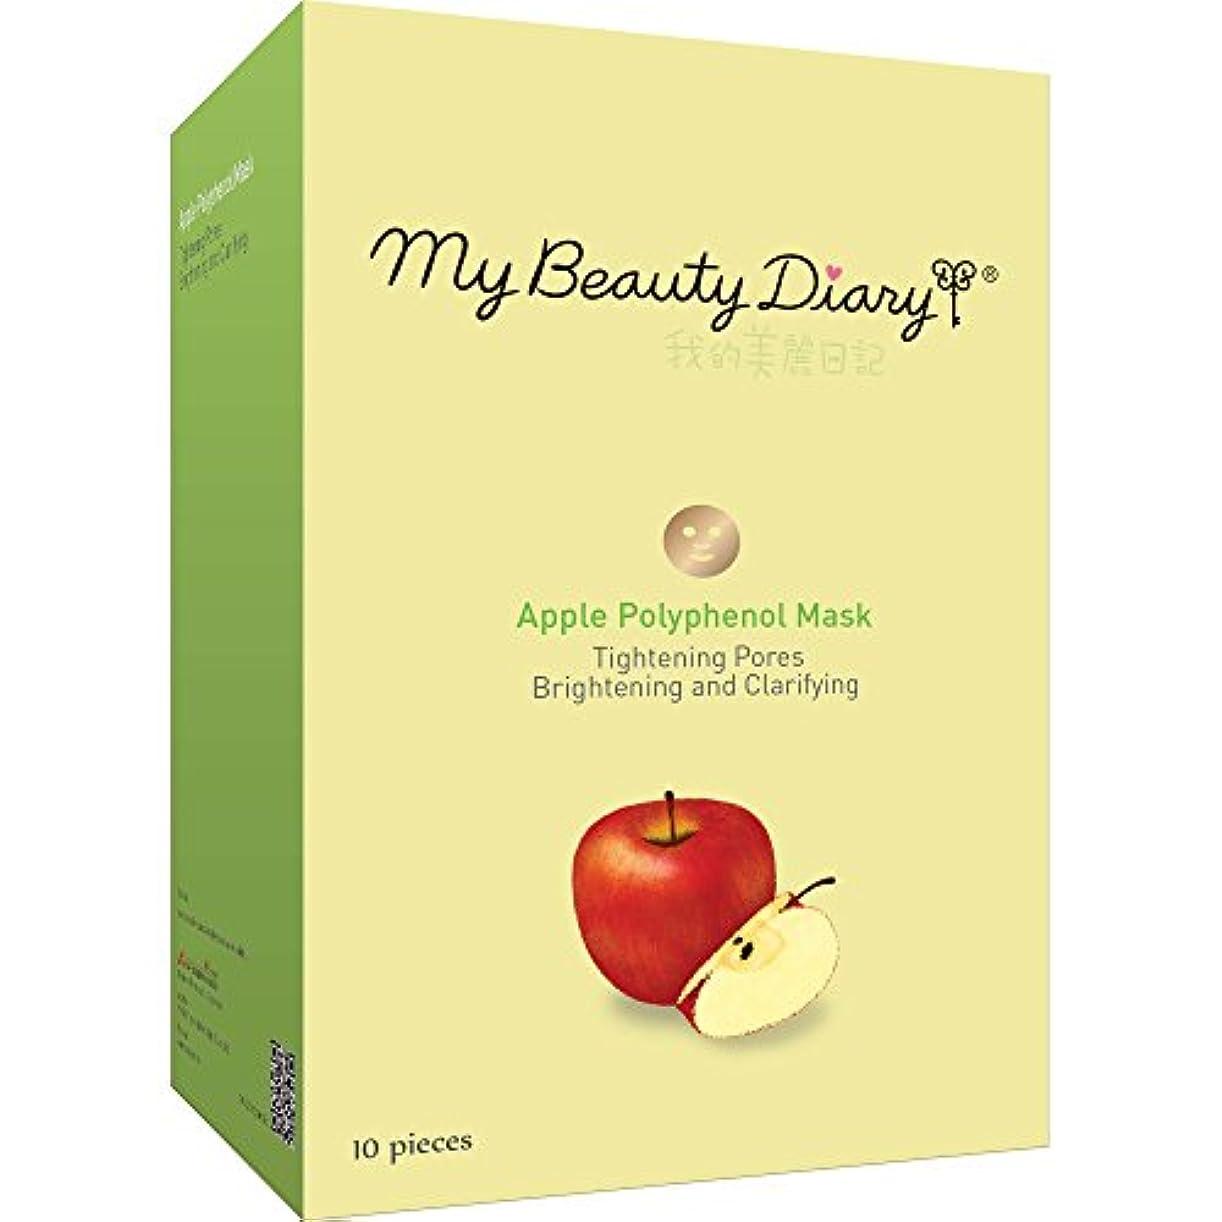 負荷無法者白雪姫My Beauty Diary フェイシャルマスク、アップルポリフェノール2015、10カウント